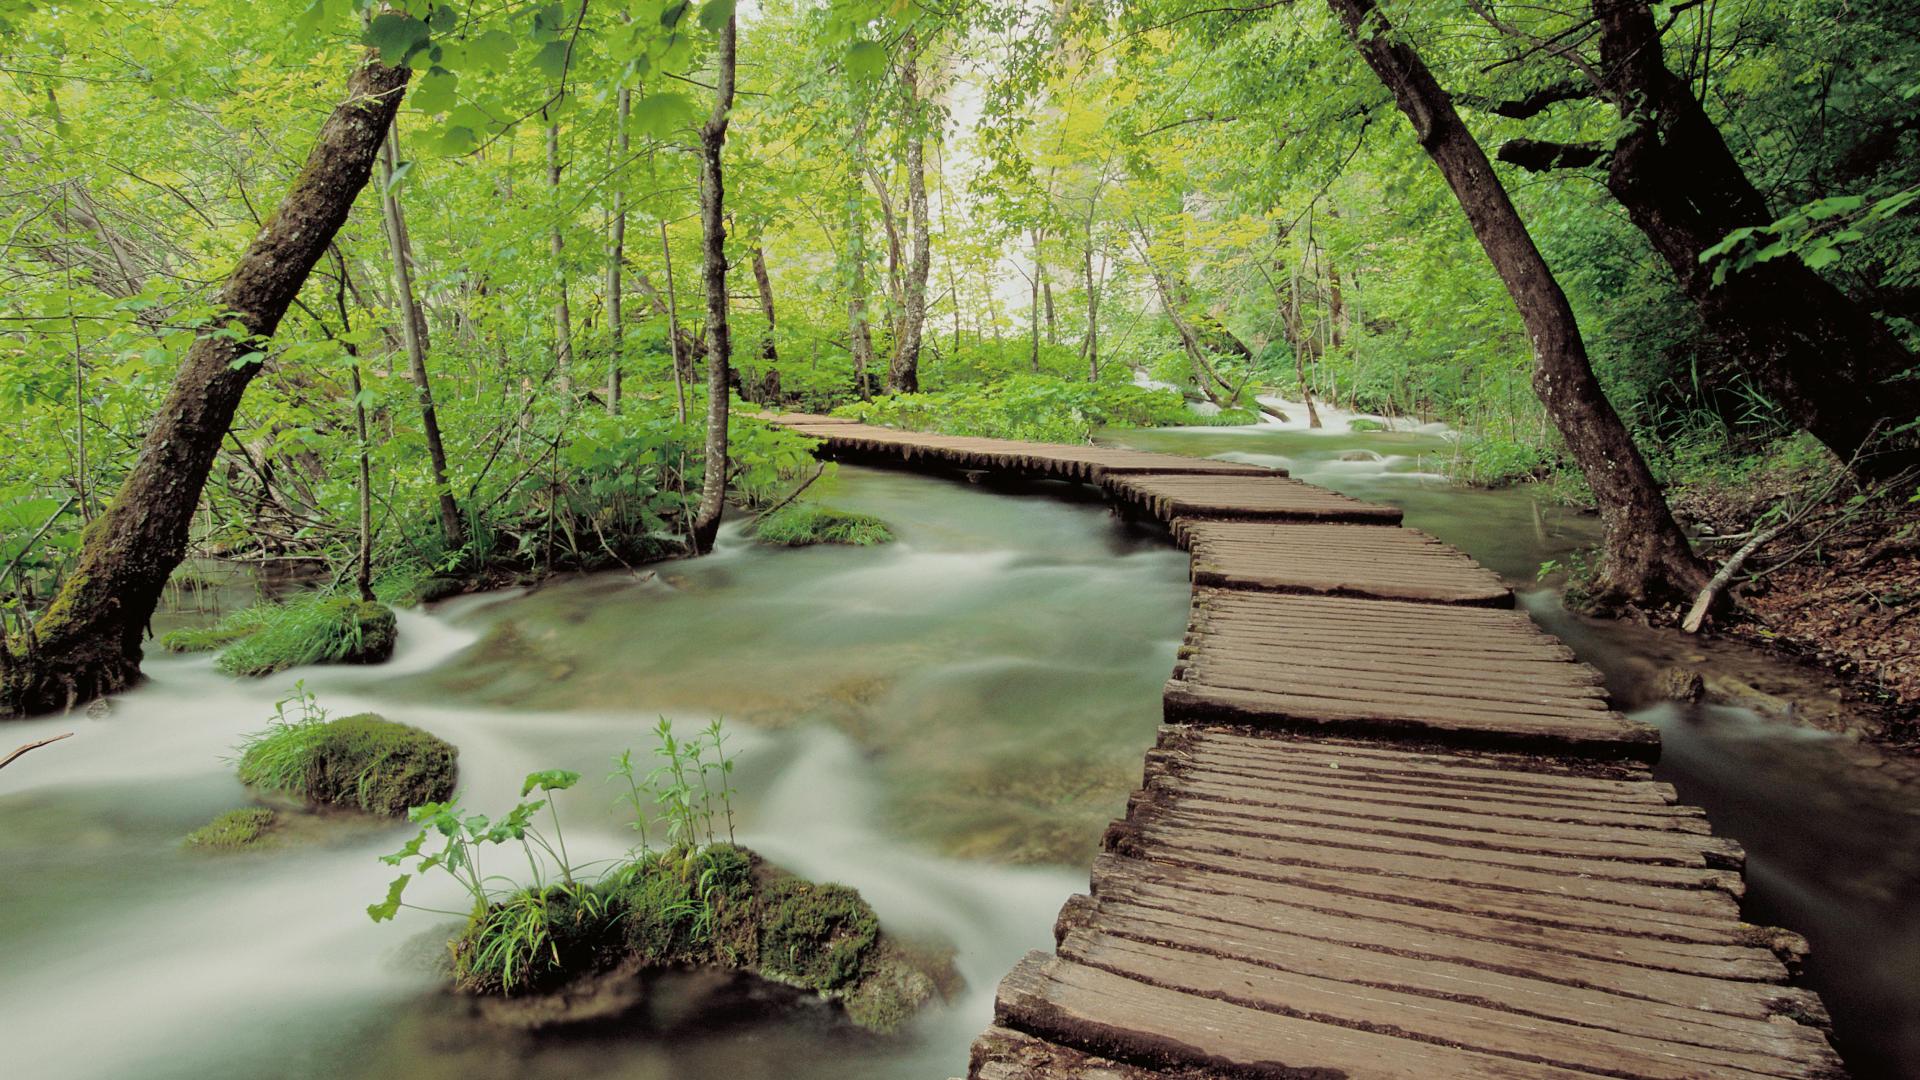 http://cdn.oboi7.com/4397d3cb536527196908cfeeb599da0da9f75e16/pejzazhi-derevya-lesa-potoki.jpg